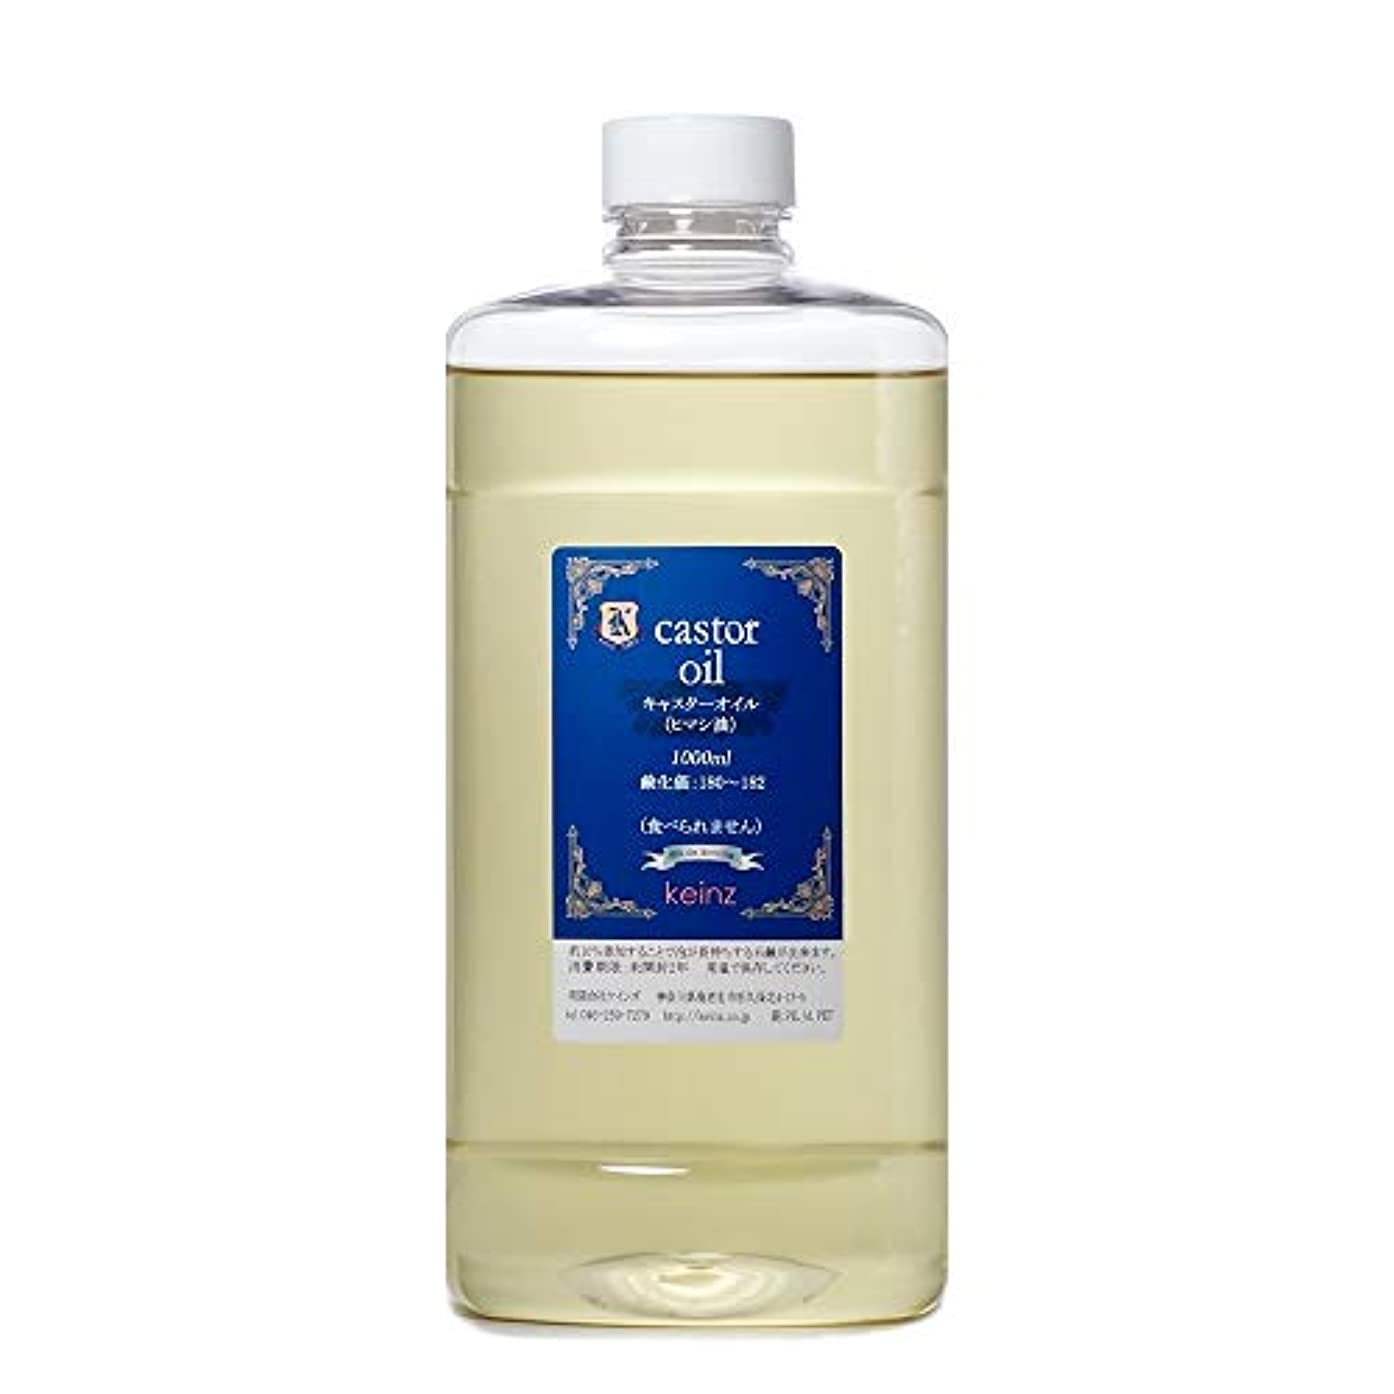 絶対に王族オーブンkeinz 良質 天然キャスターオイル(ヒマシ油) 1000ml(1L)